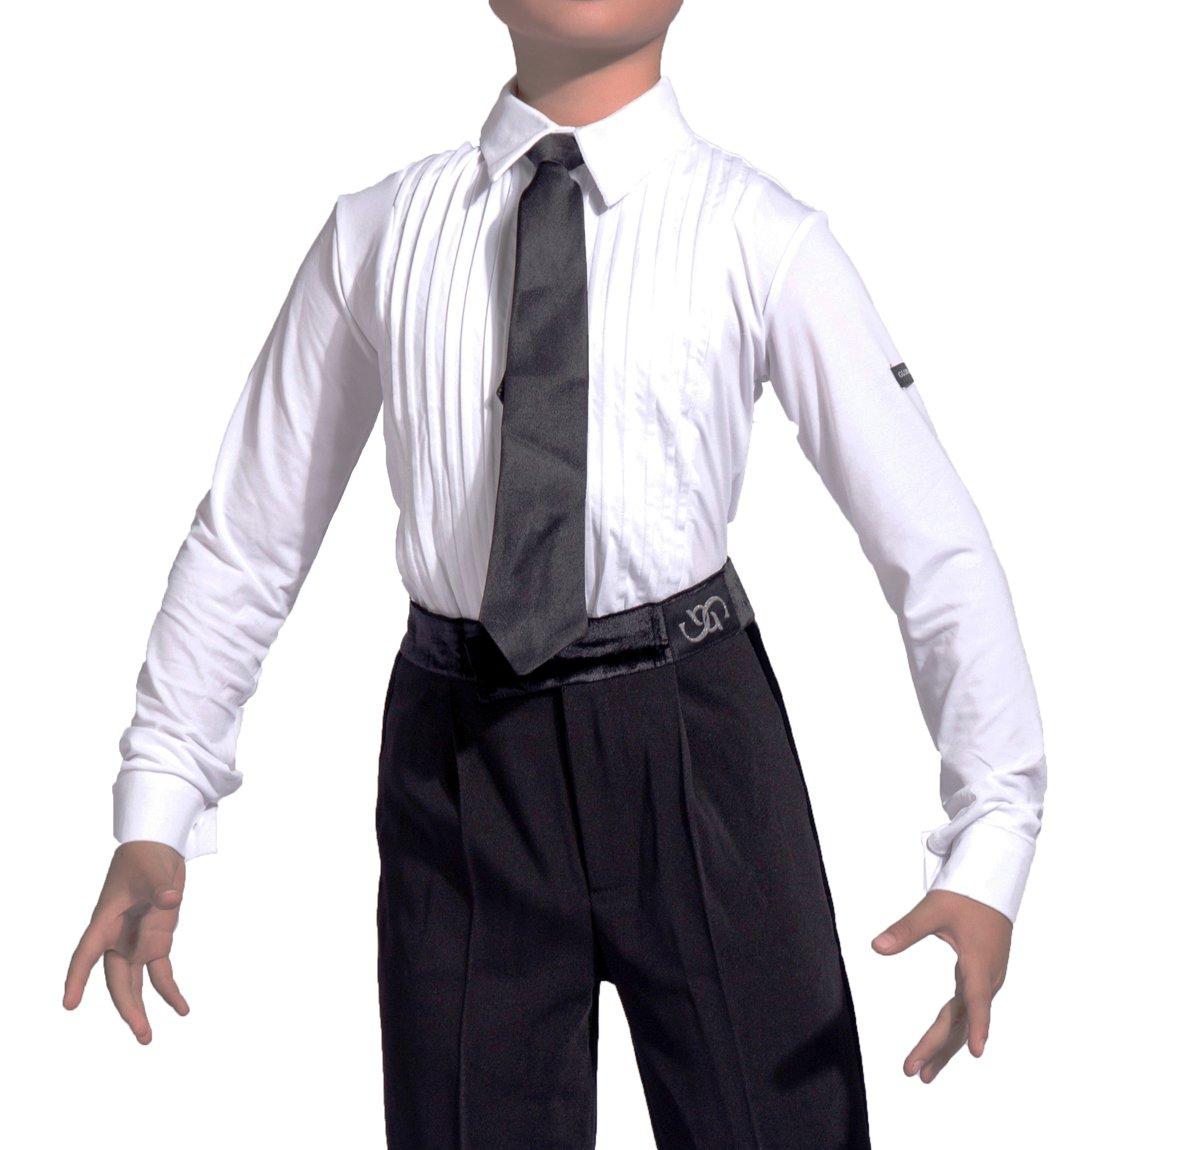 【売り切り御免!】 GD5102 男子(少年) B07NZLVGD3 専門通用のされるラテンダンス スーツ モダンダンス 社交ダンス 男性用 スーツ (シャツ+パンツ) (SBS)shirt(white) B07NZLVGD3 120|(SBS)shirt(white) (SBS)shirt(white) 120, 羽島郡:fe248ab0 --- a0267596.xsph.ru